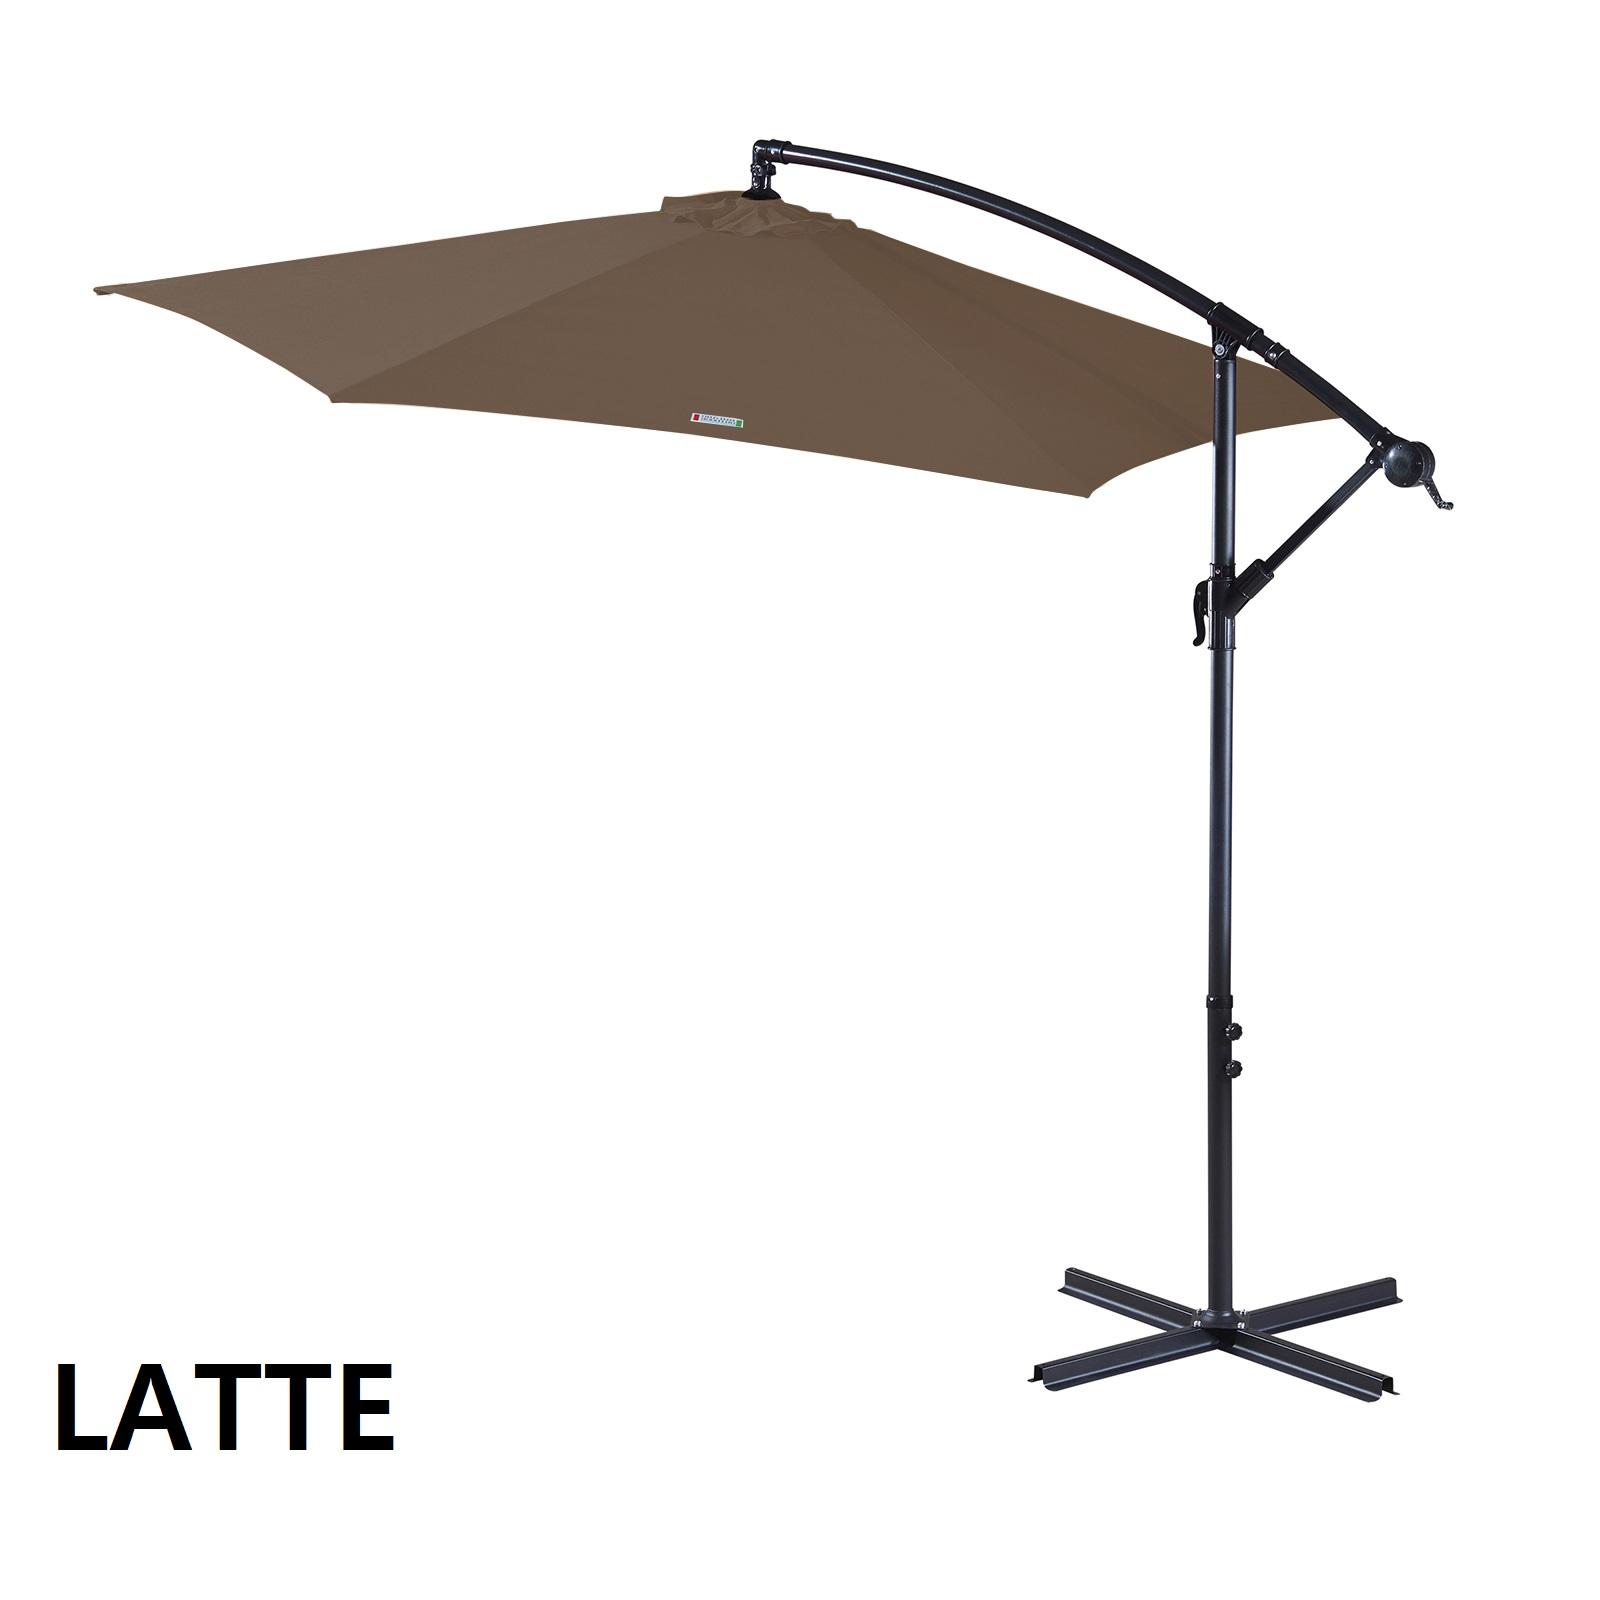 thumbnail 50 - Milano Outdoor 3 Metre Cantilever Umbrella UV Sunshade Garden Patio Deck